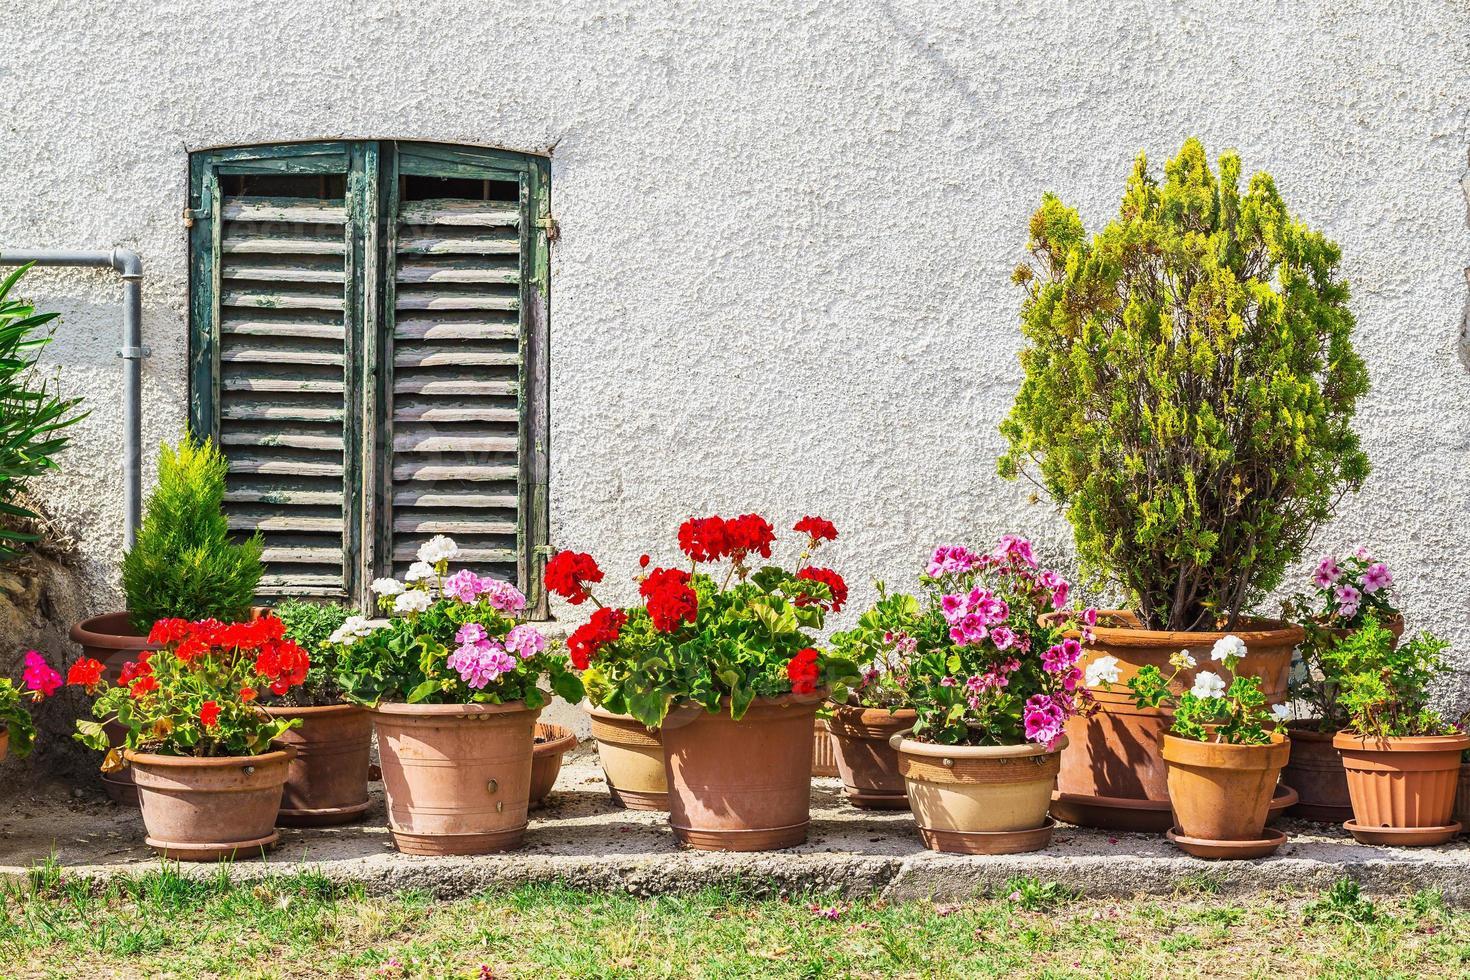 finestre e porte in una vecchia casa decorata con fiori foto